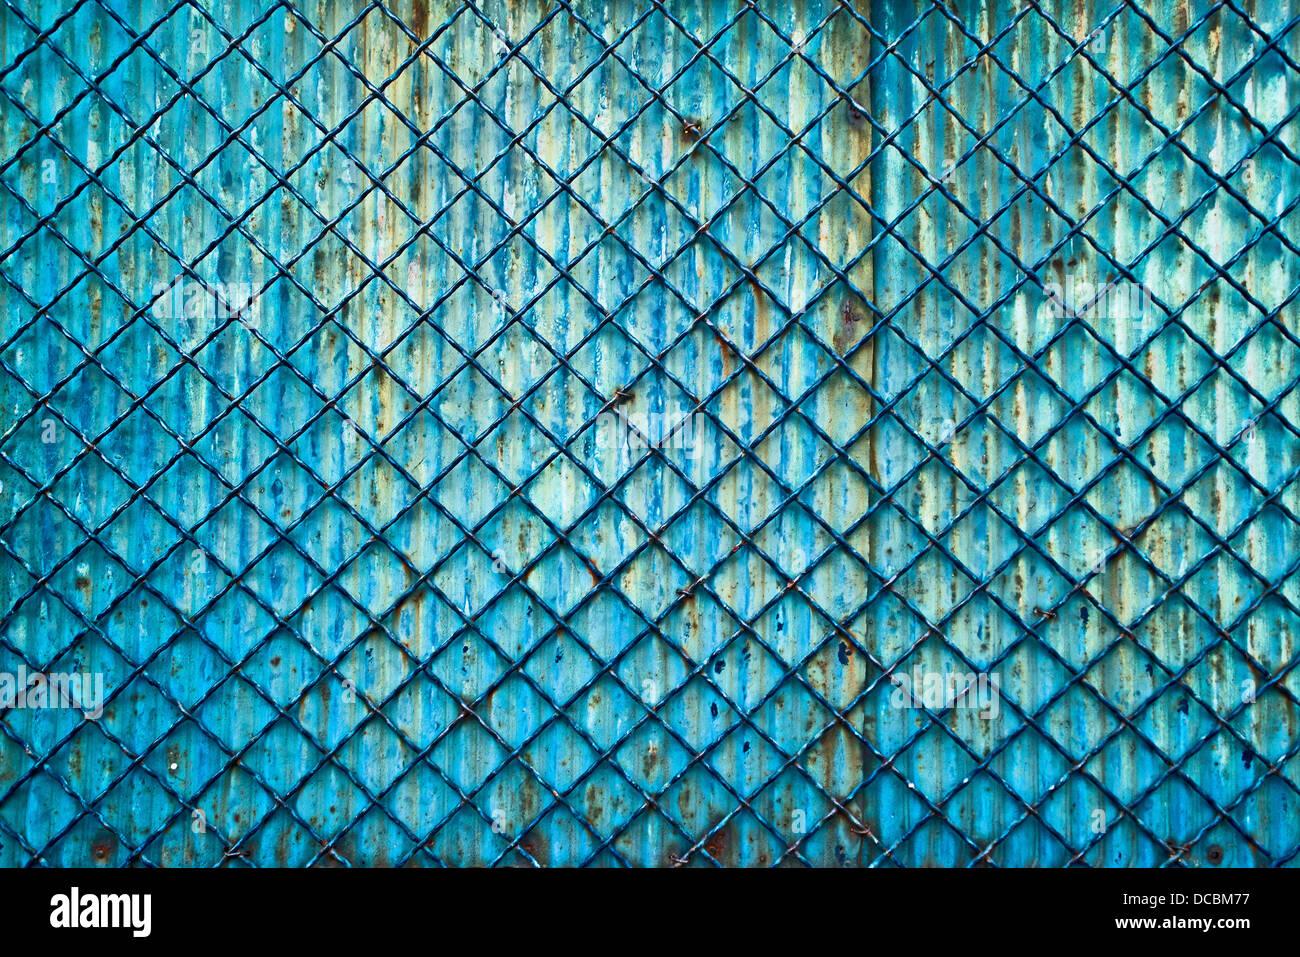 Metall-Gitter Zaun als alte Grunge Hintergrund Stockbild